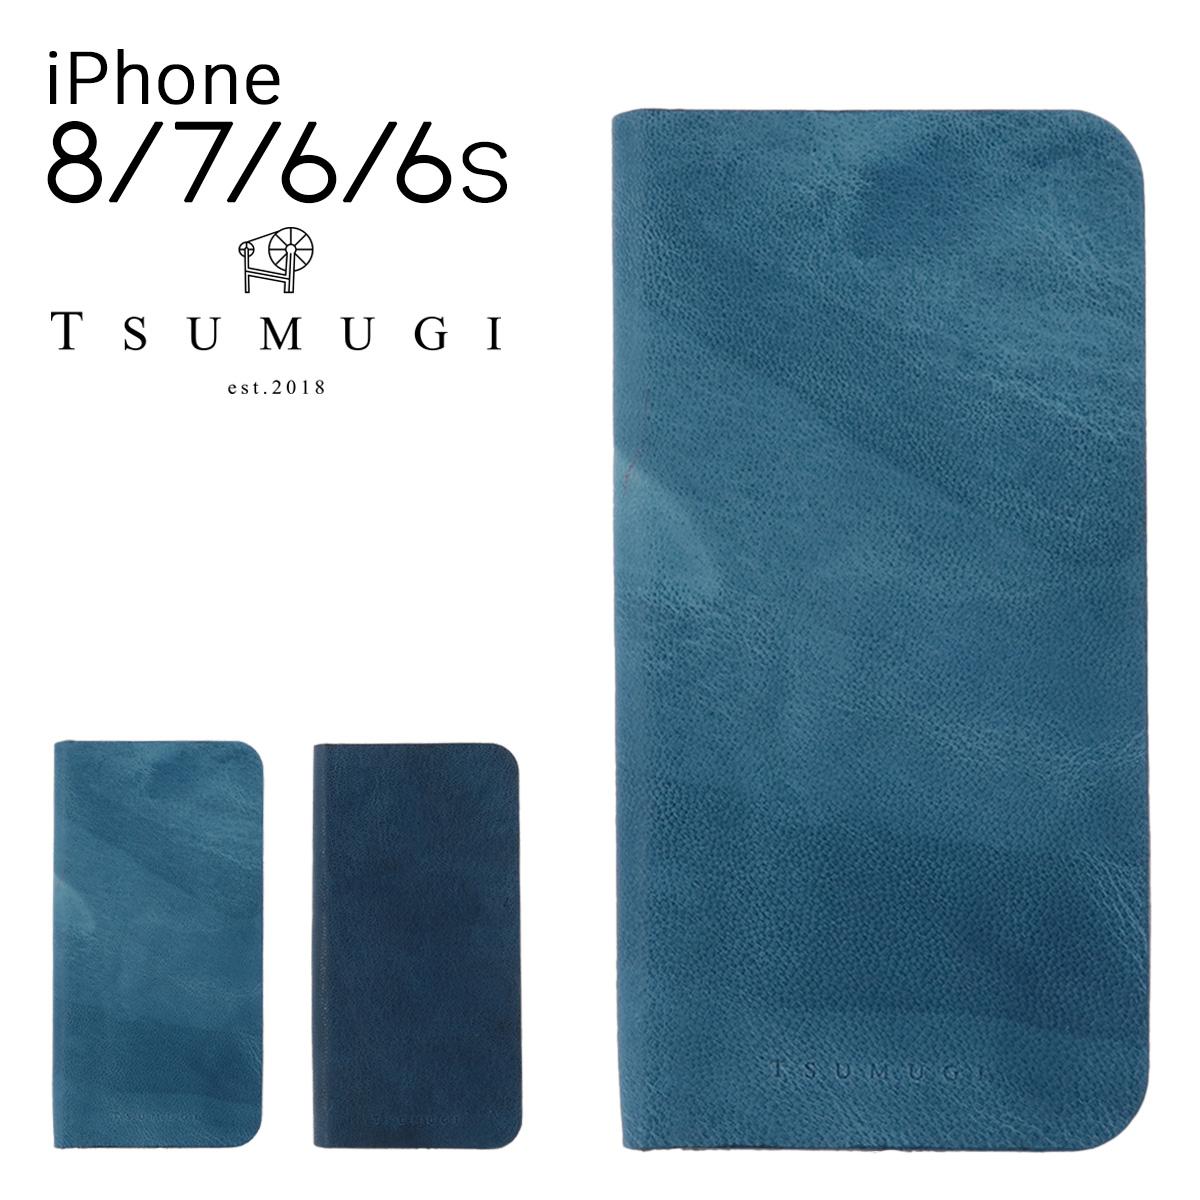 つむぎ iPhone8 iPhone7 iPhone6 iPhone6s ケース メンズ 藍染プレミアムレザー TU-BKI7S TSUMUGI 手帳型 スマートフォンケース 本革[bef][即日発送]